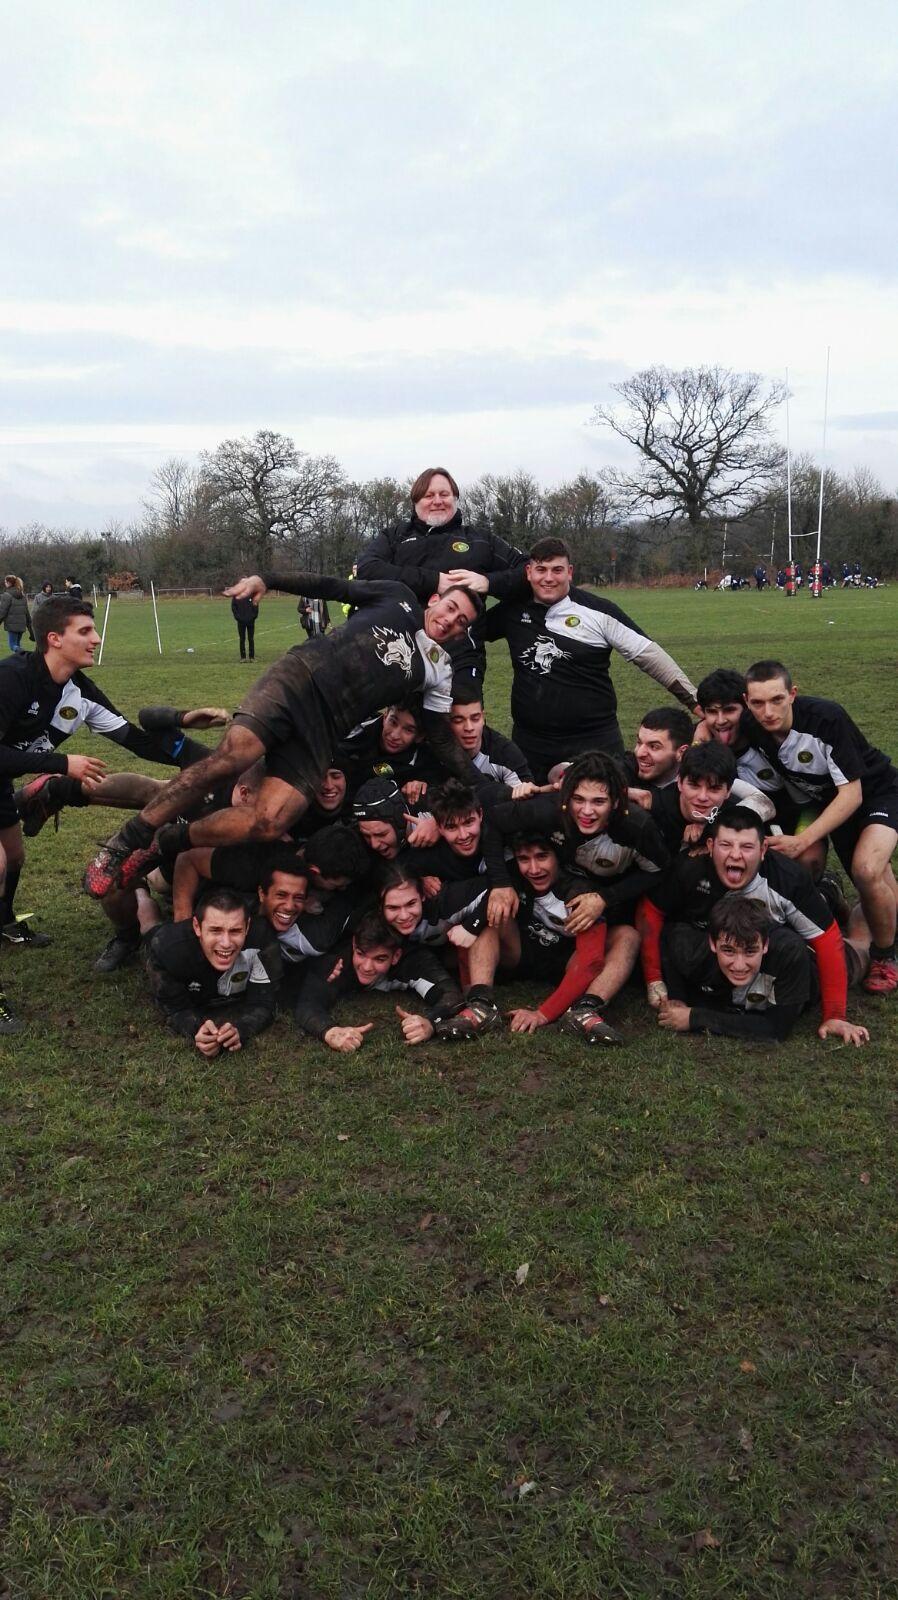 La Nostra Under18 in Inghilterra festeggia l'Epifania con una vittoria.